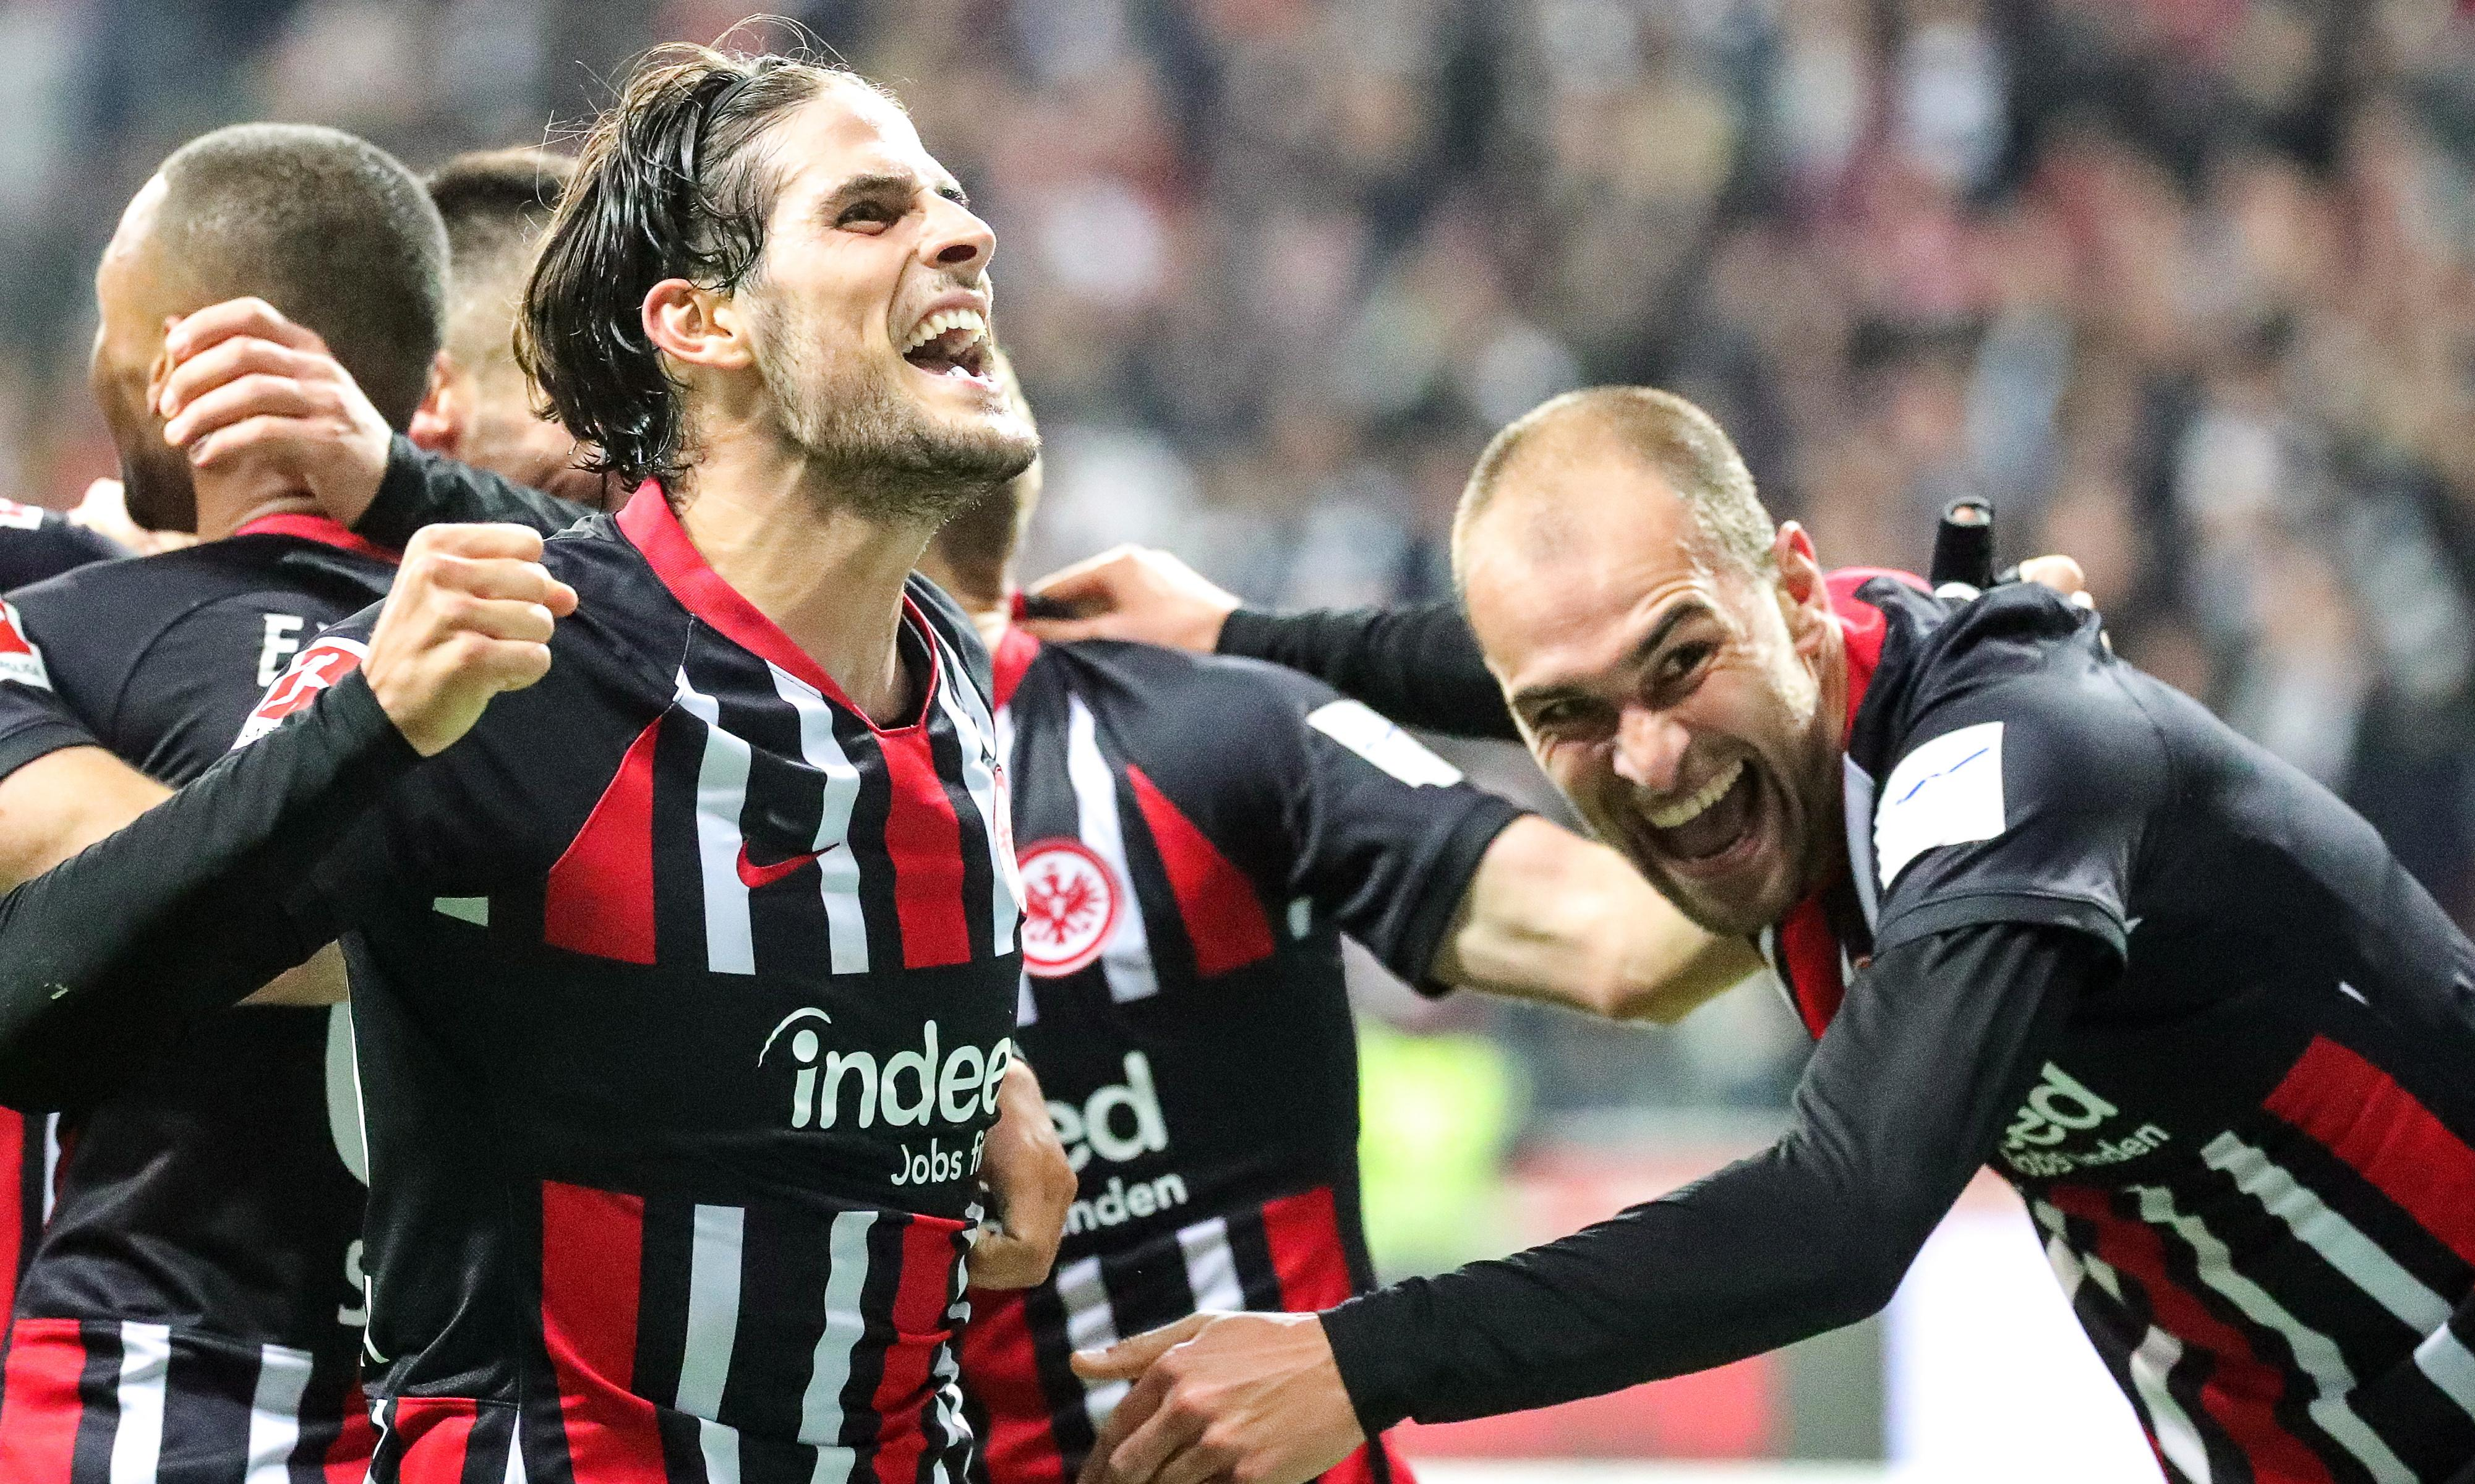 Prodigal son Gonçalo Paciência leads Eintracht revenge mission